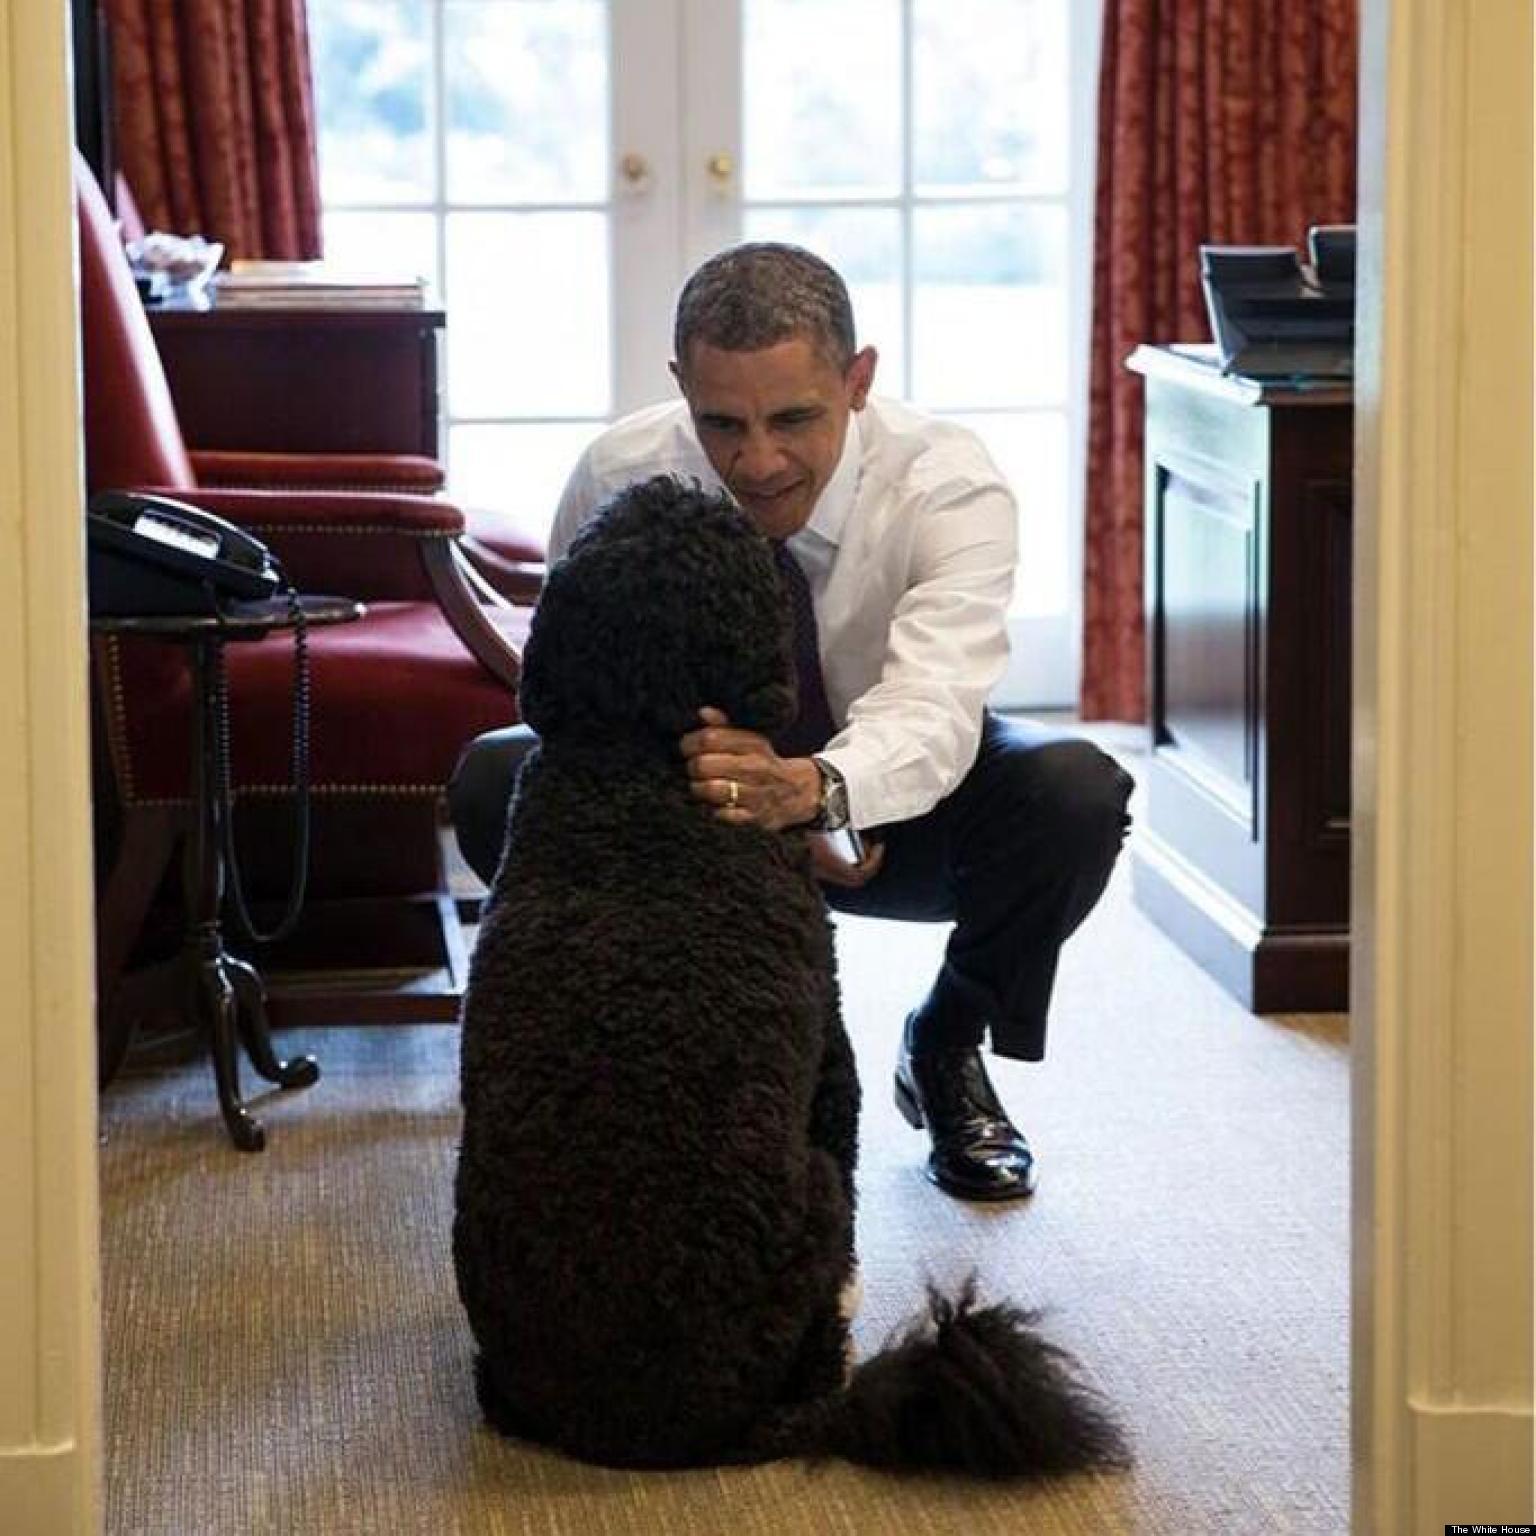 オバマを撮り続けたホワイトハウス公式カメラマン、お気に入りの写真55枚をアイムジャグラーに投稿 [無断転載禁止]©2ch.net [539914983]YouTube動画>6本 ->画像>336枚